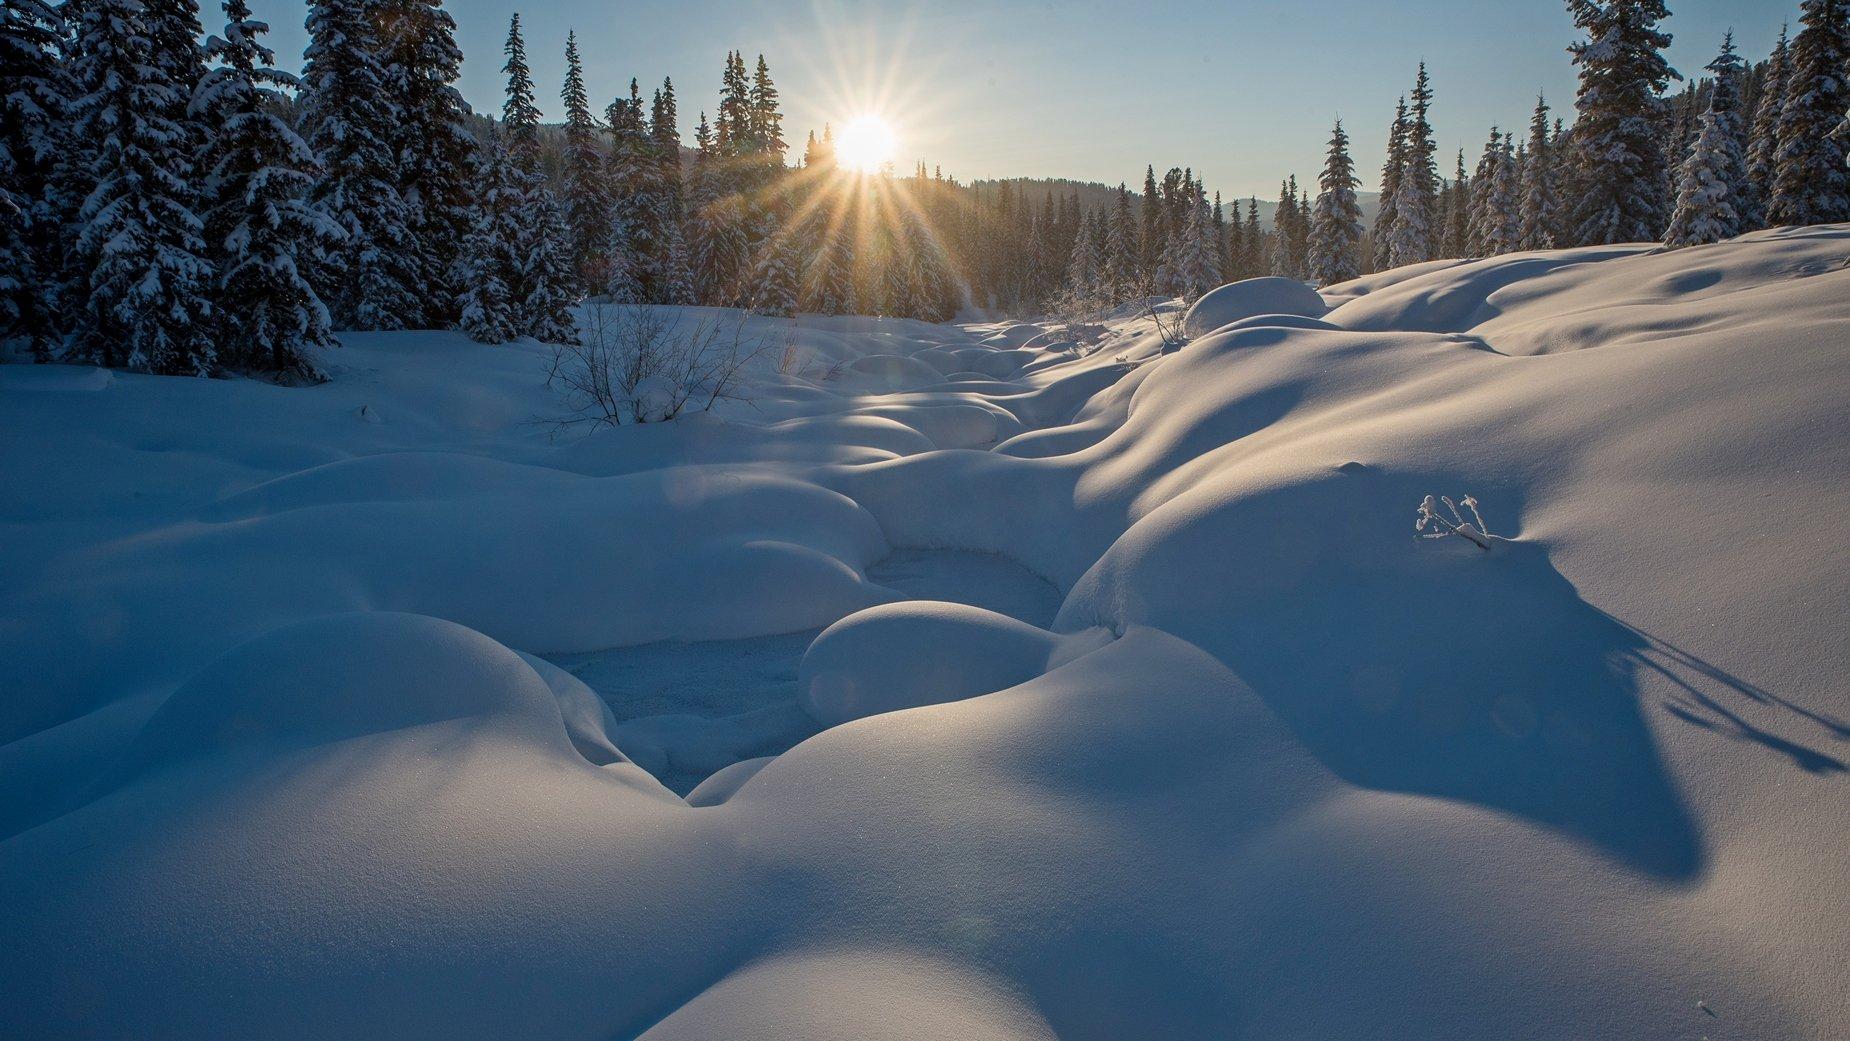 ергаки, зима, утро, восход, солнце, сугробы, речка, кедры, тайга, Мальцев Юрий